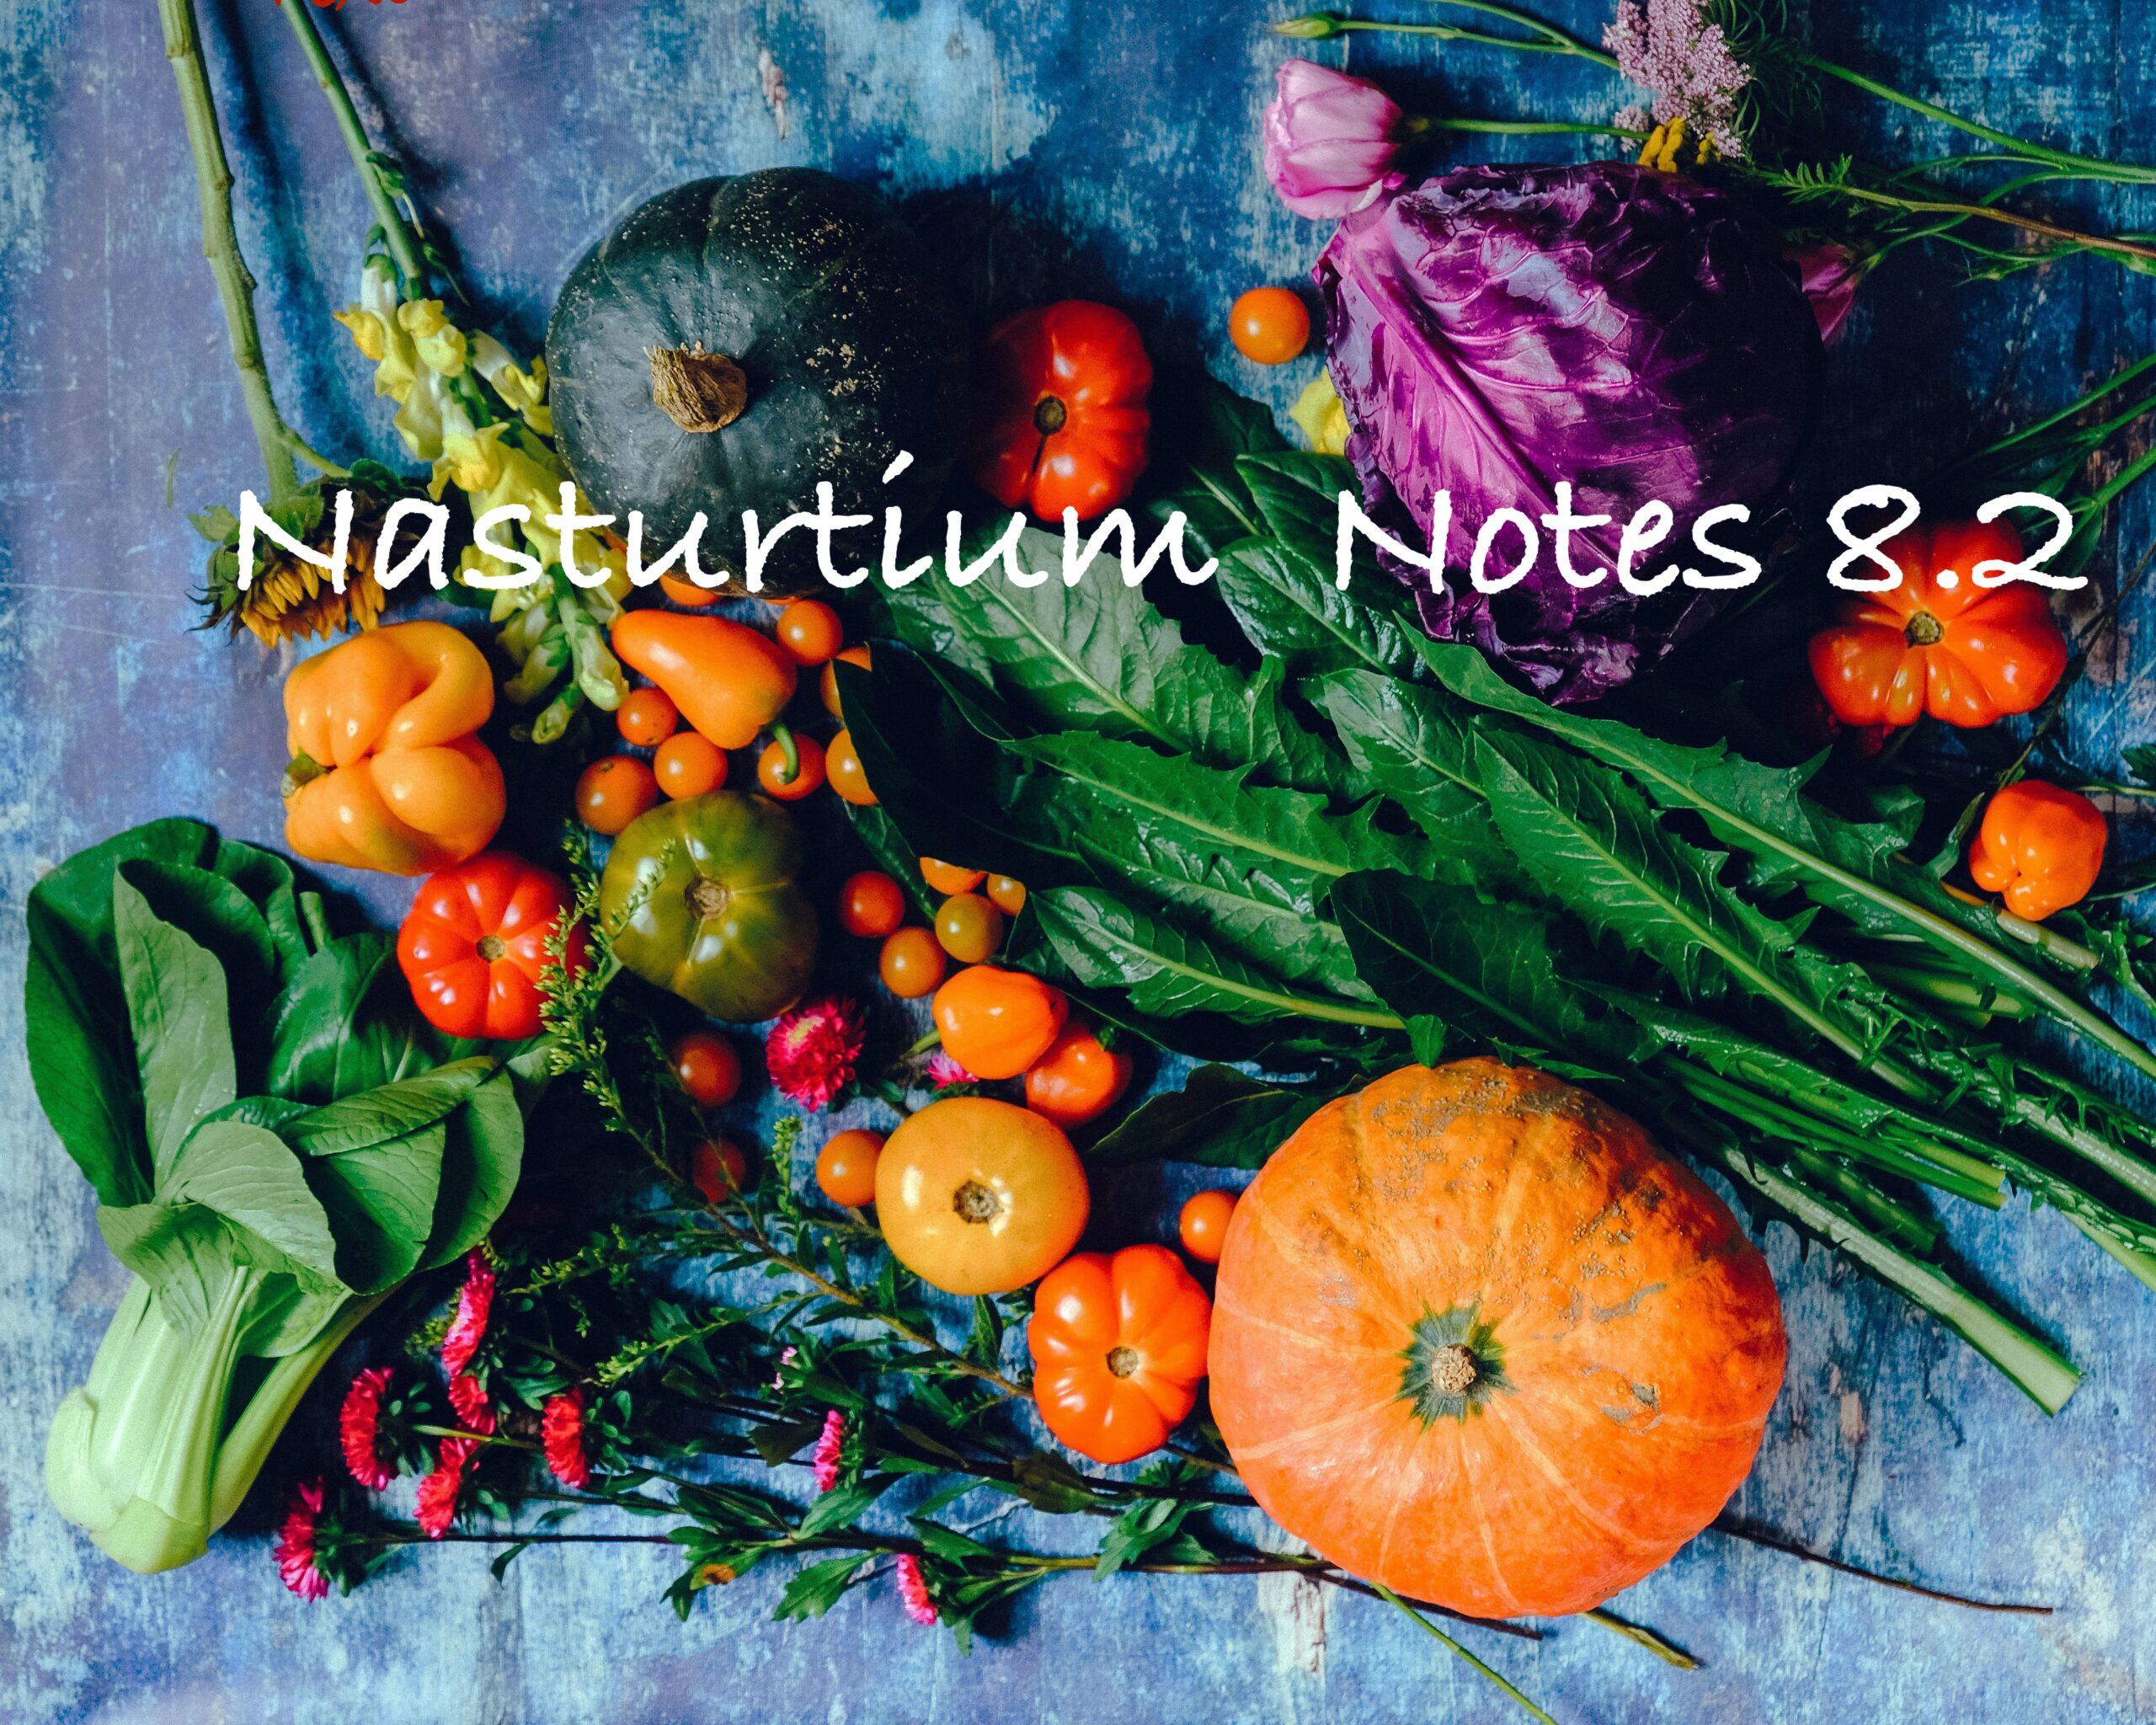 Nasturtium Notes 8.2